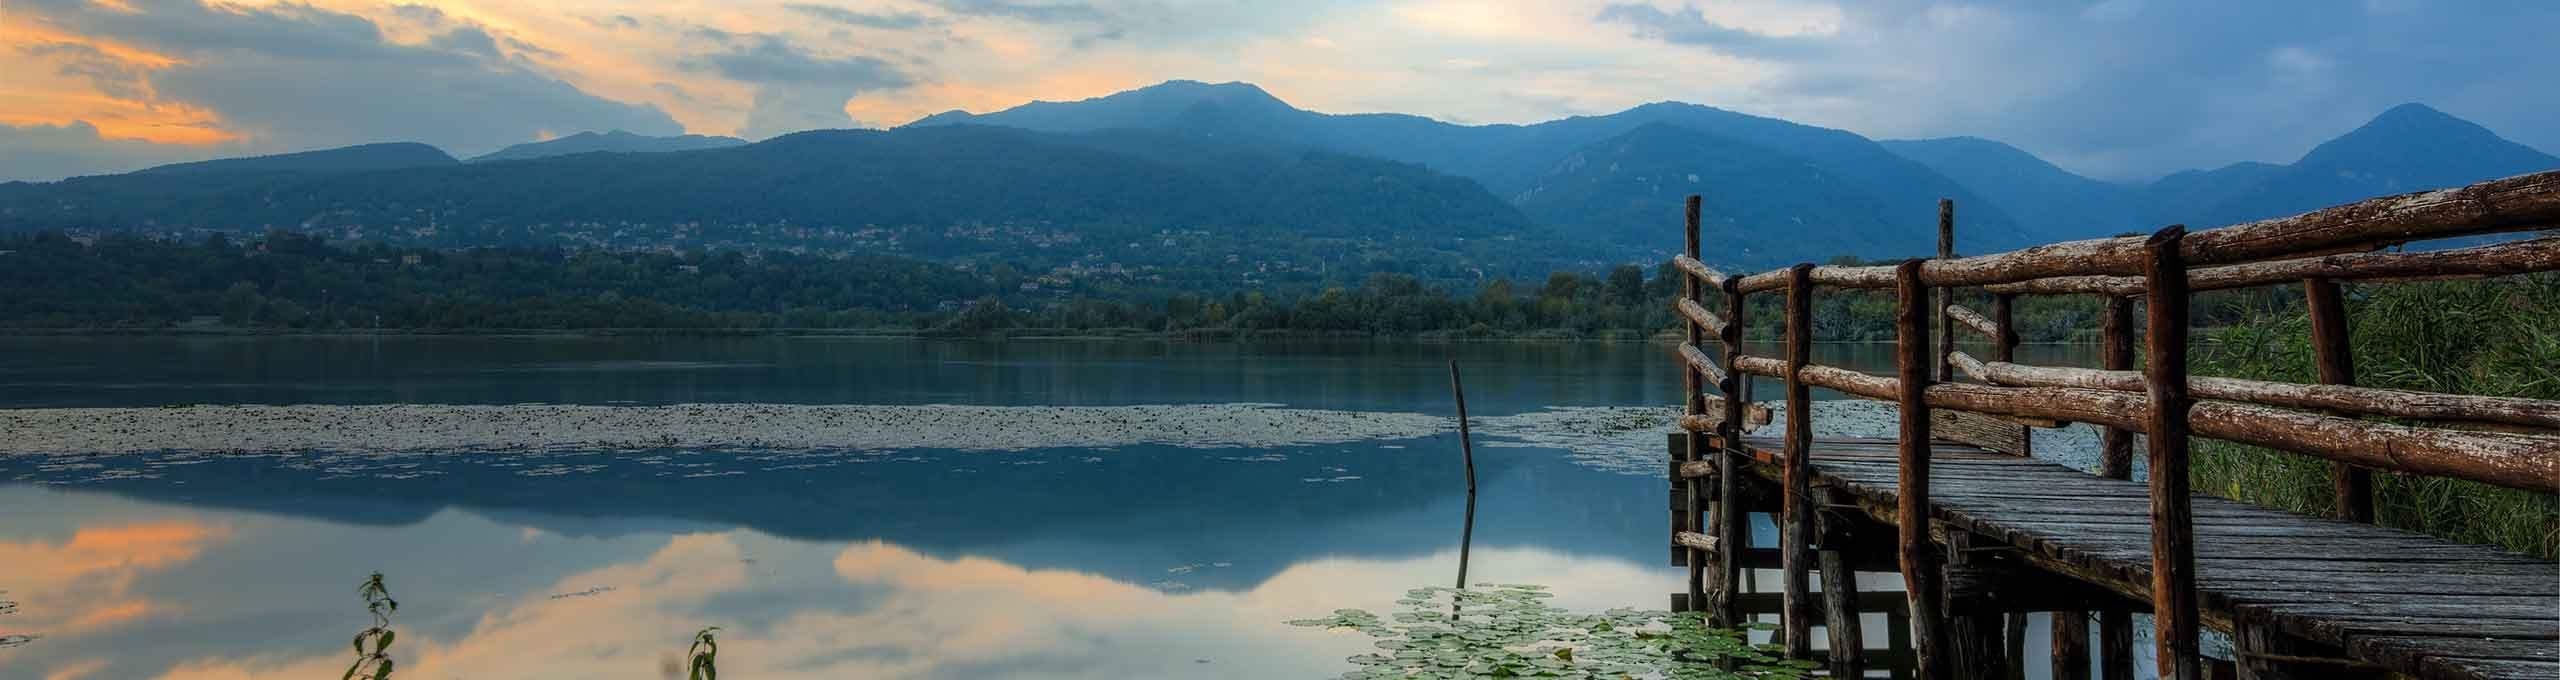 Monguzzo, Lago di Como